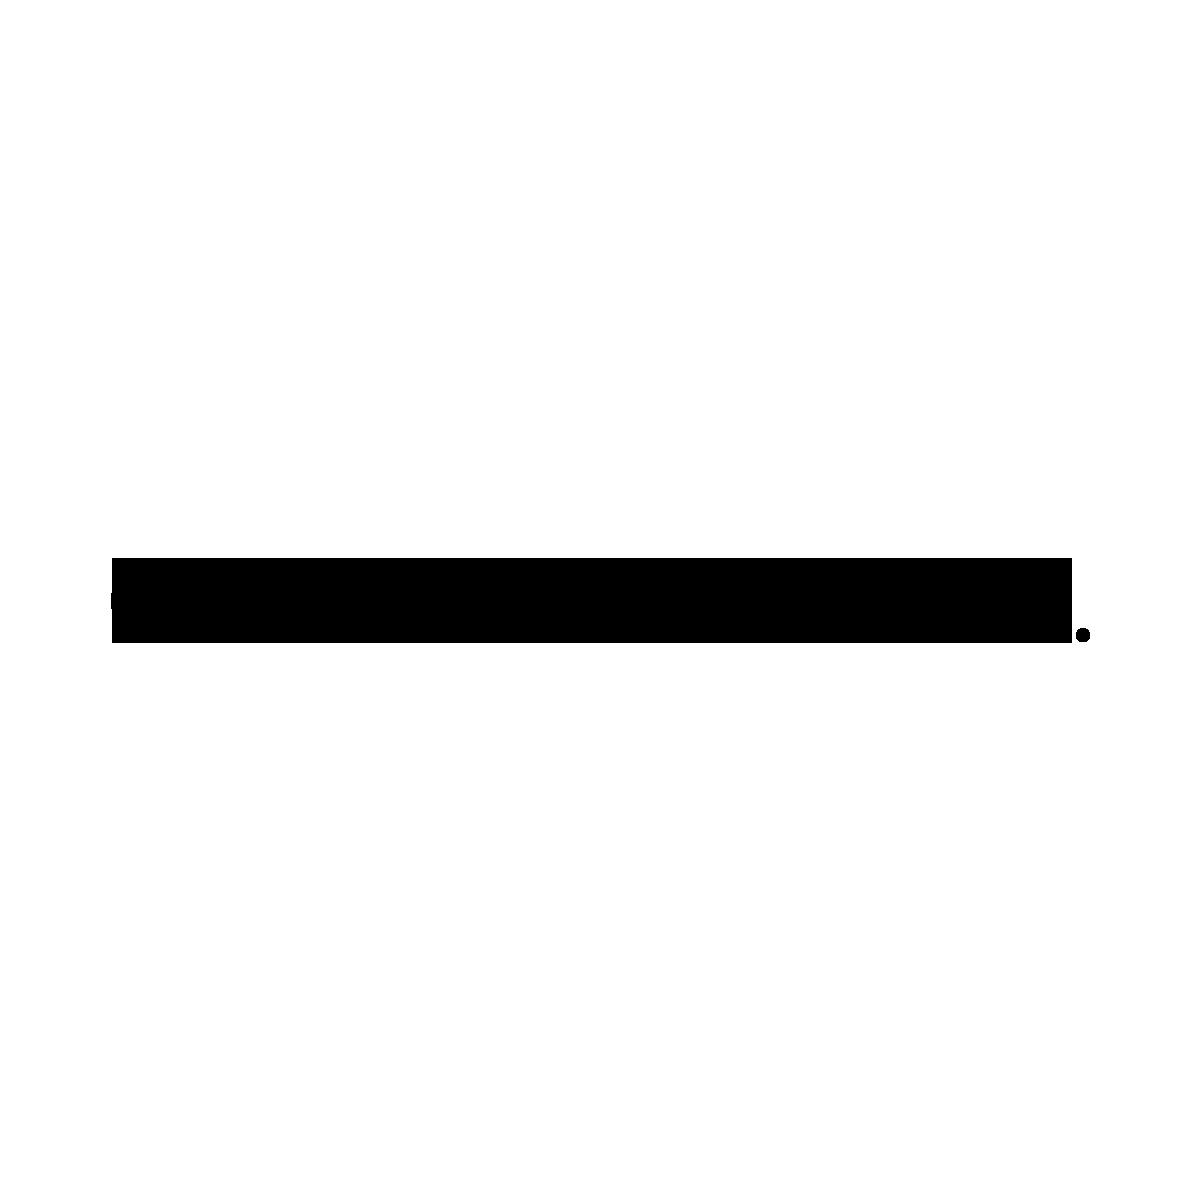 Sneaker-Diem-Black